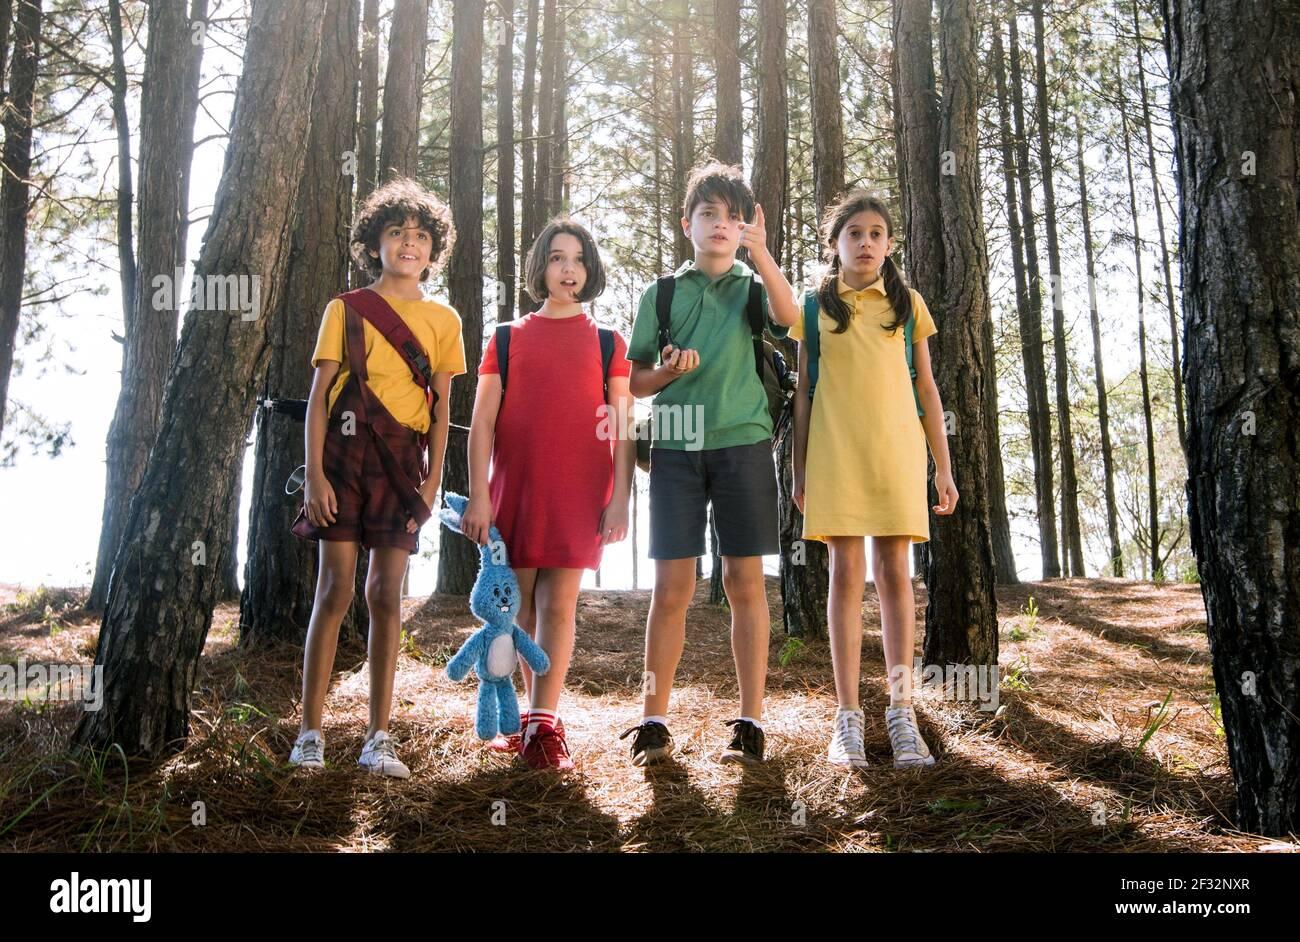 MOREIRA,BENITTE,VECHIATTO,RAUSEO, MÓNICA Y AMIGOS: ENLACES, 2019, ©PARAMOUNT PICTURES Foto de stock